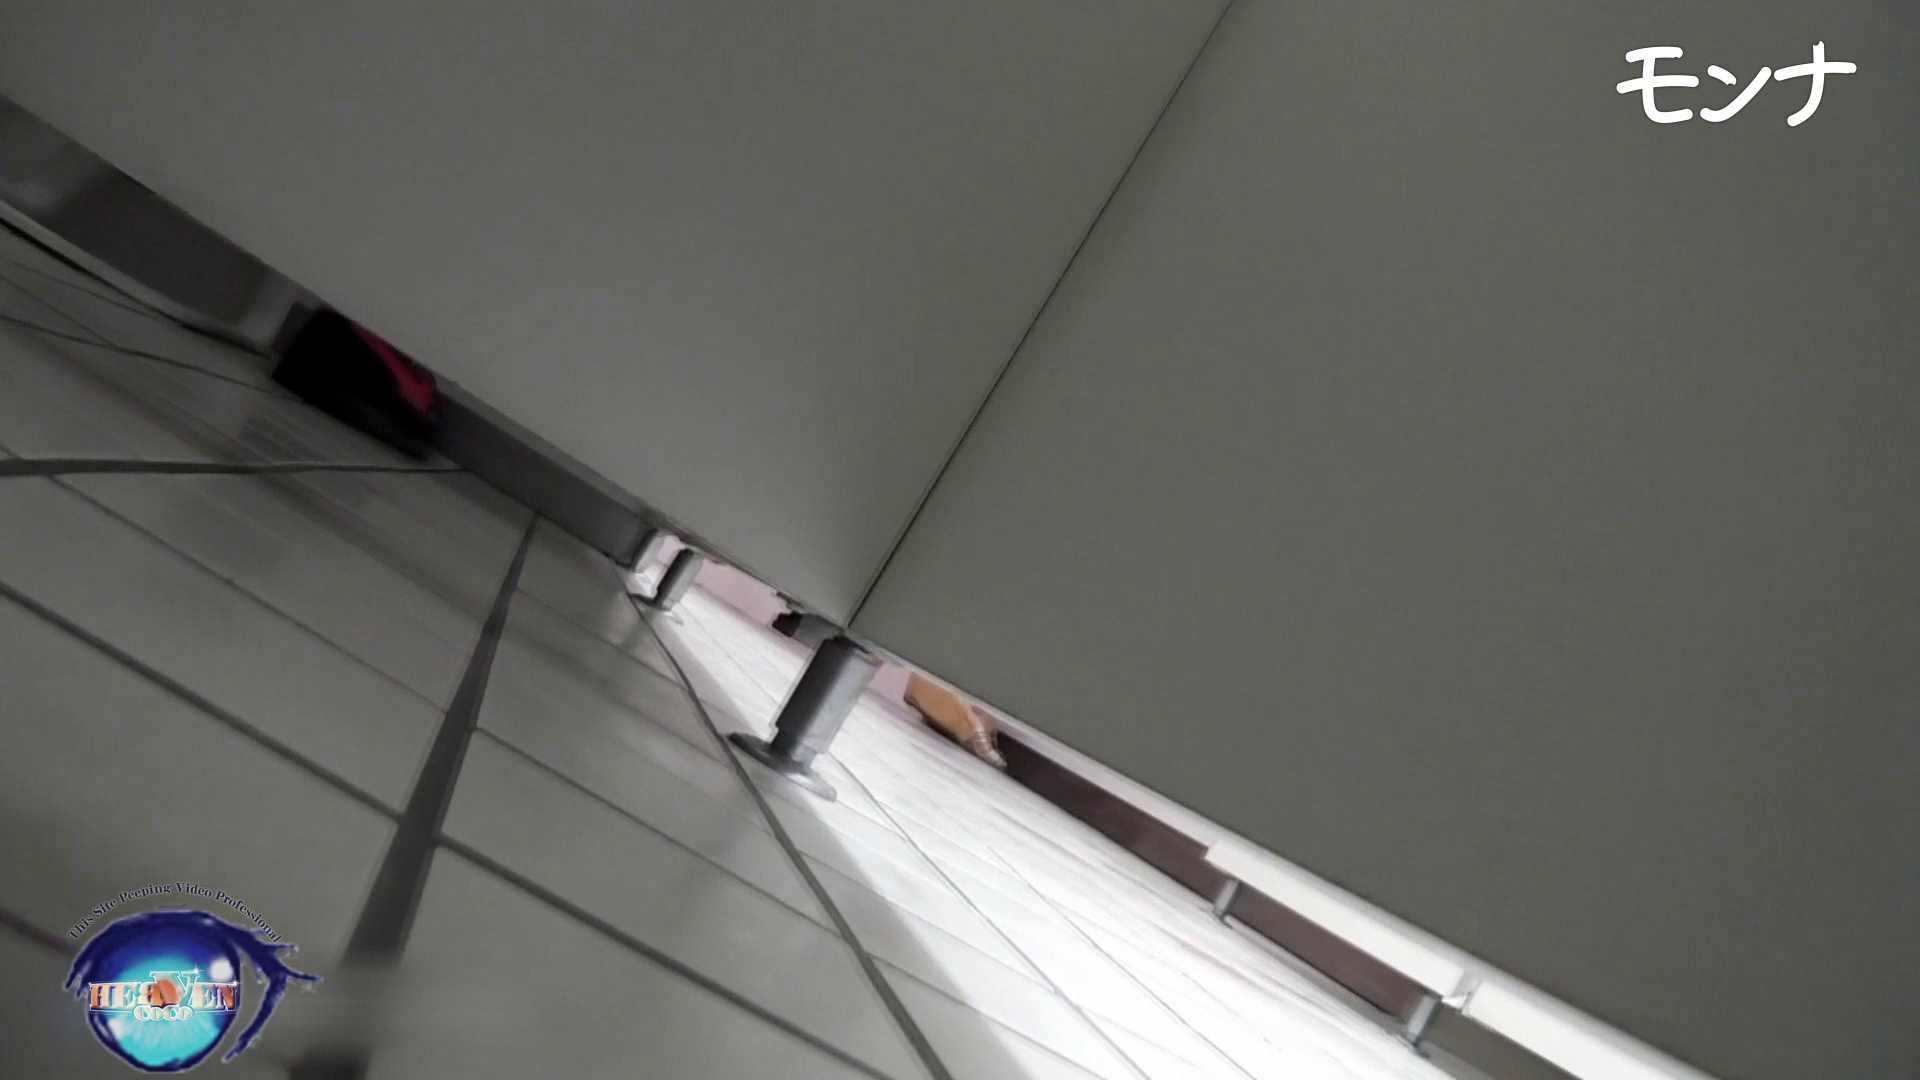 美しい日本の未来 No.84この美脚と距離感 おまんこ  108連発 106